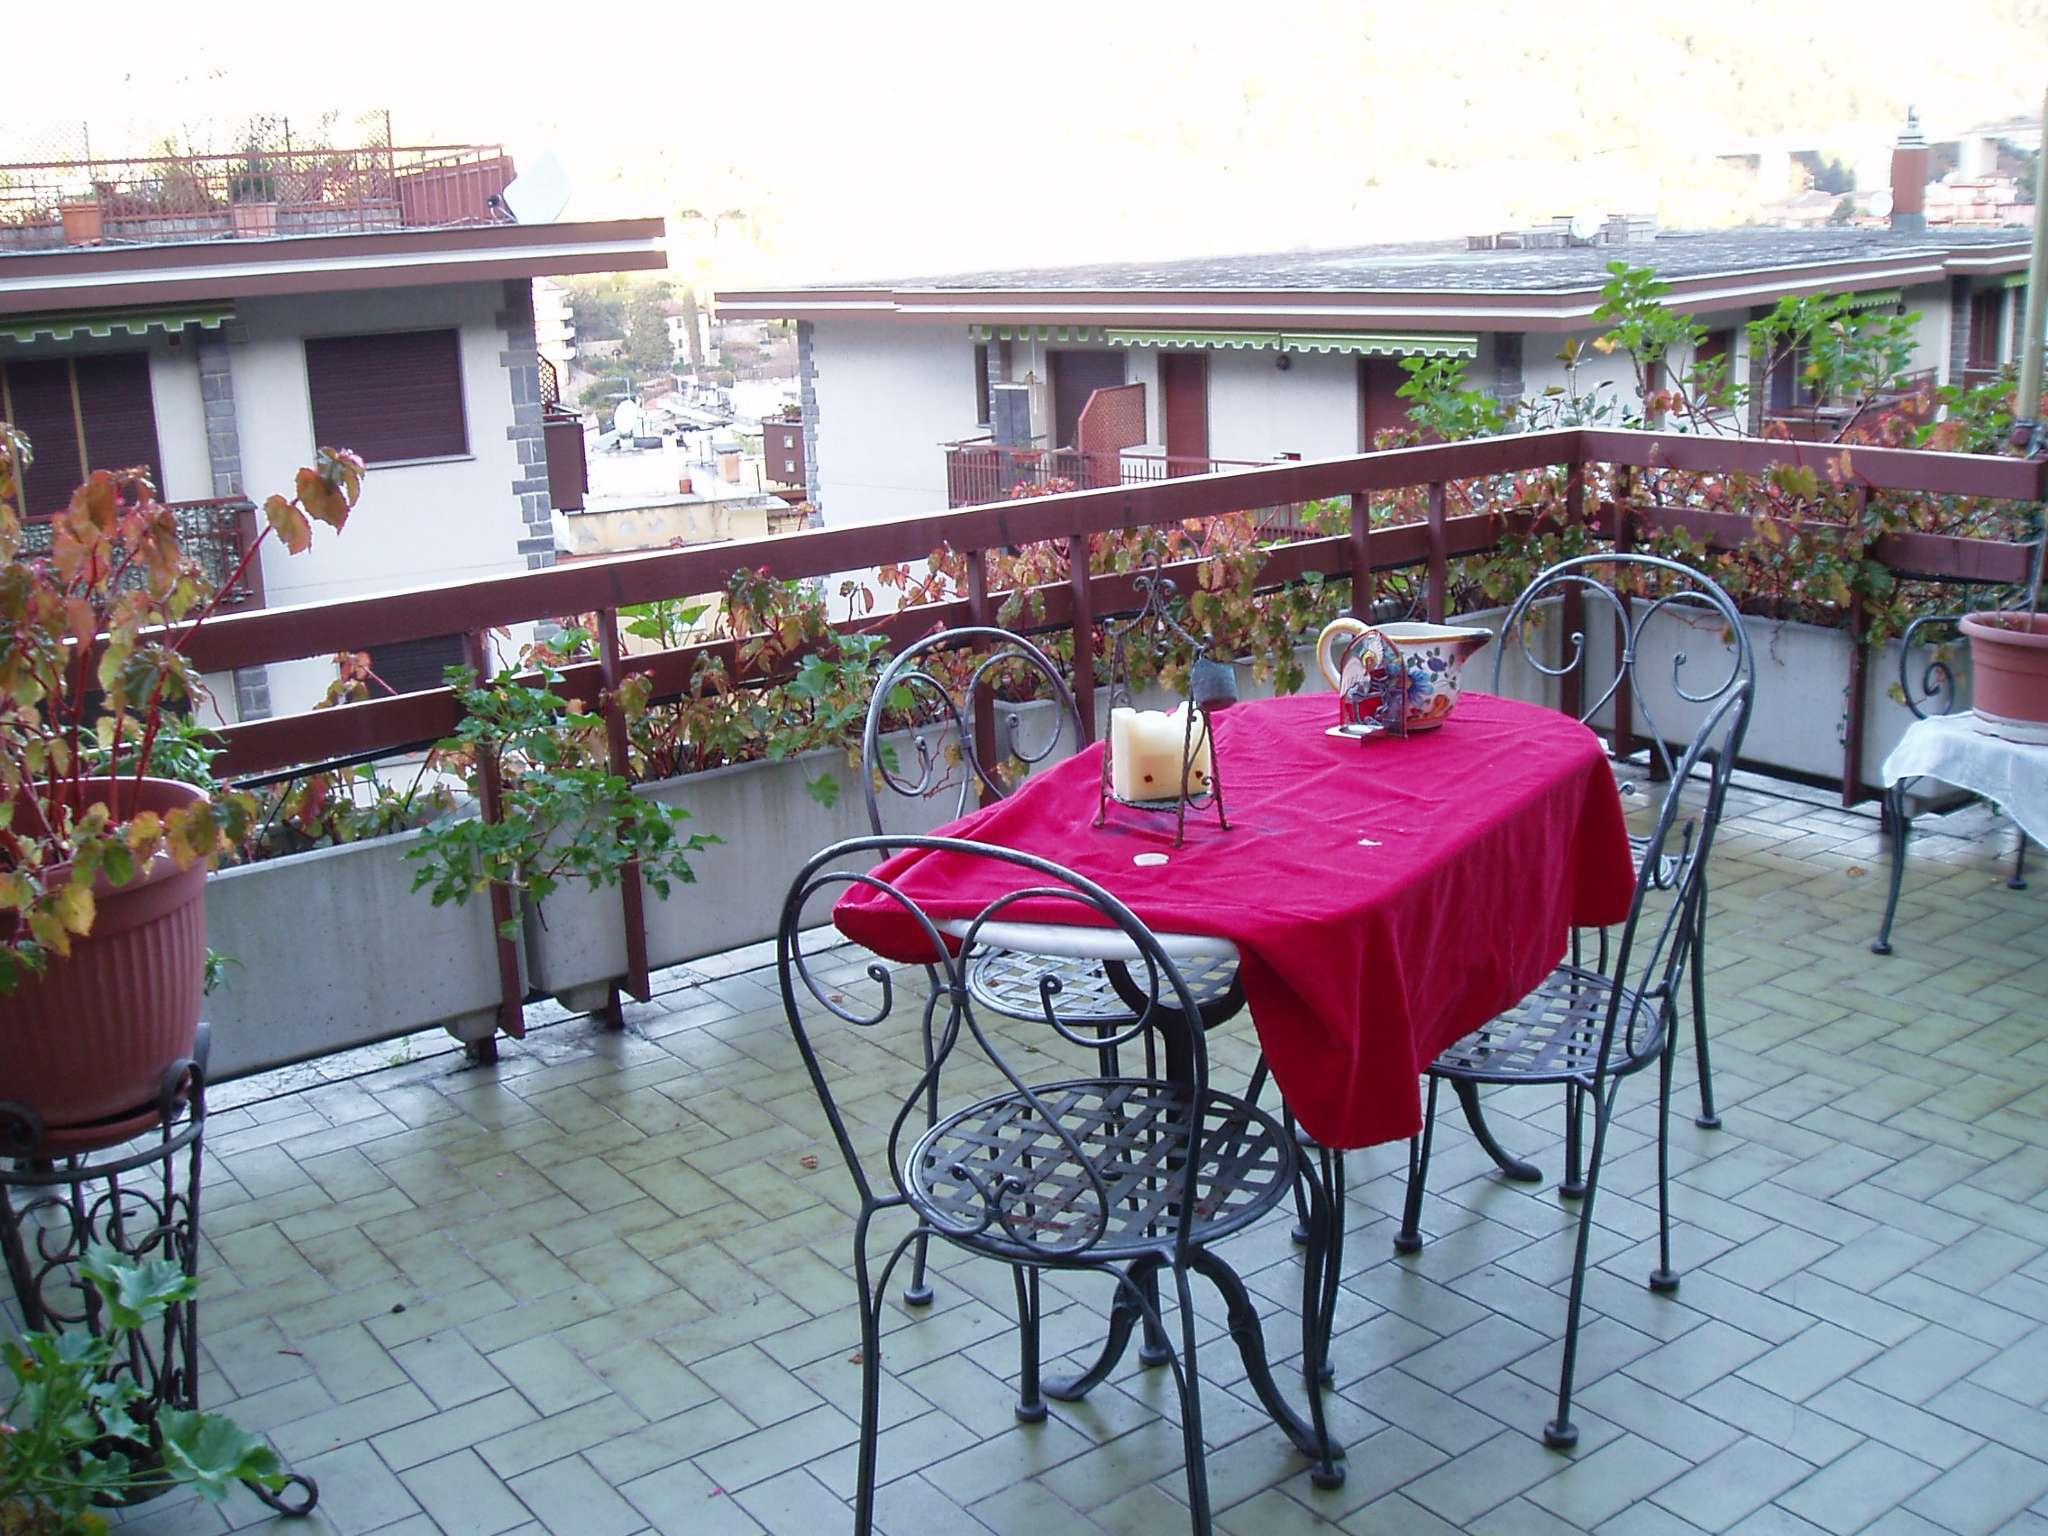 Agenzie Immobiliari A Rapallo gruppo lazzerini - agenzia immobiliare a rapallo